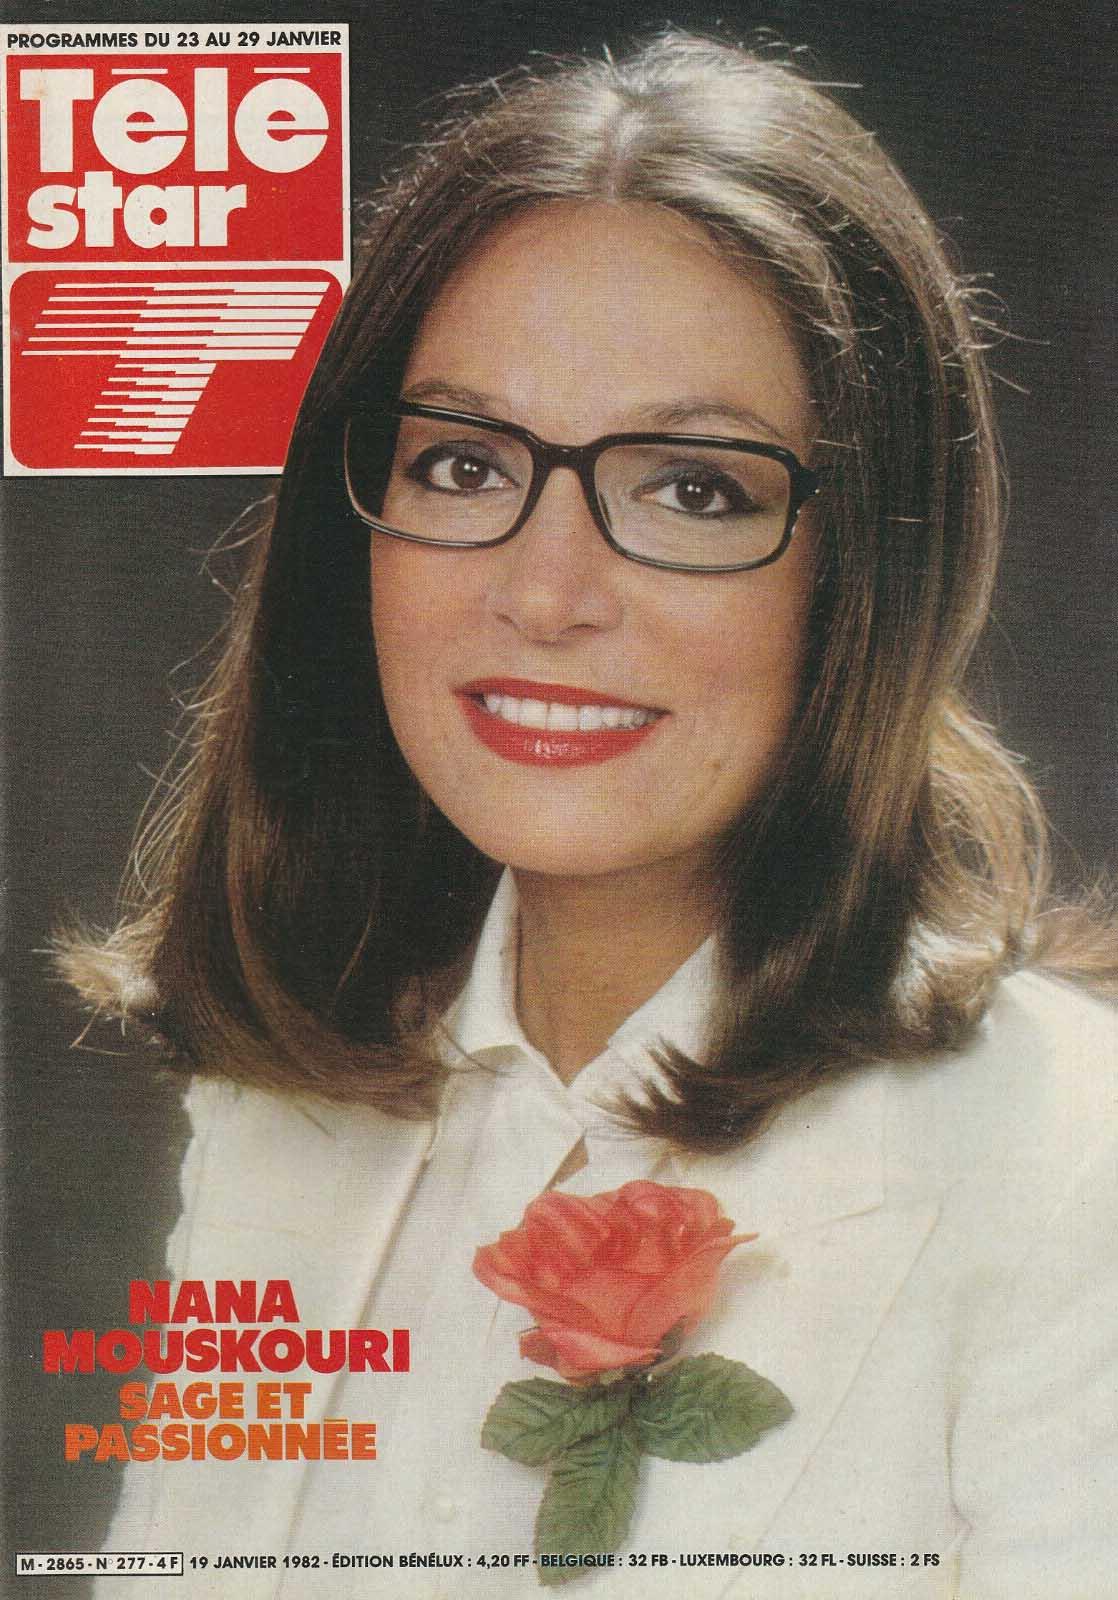 23 au 29 janvier 1982